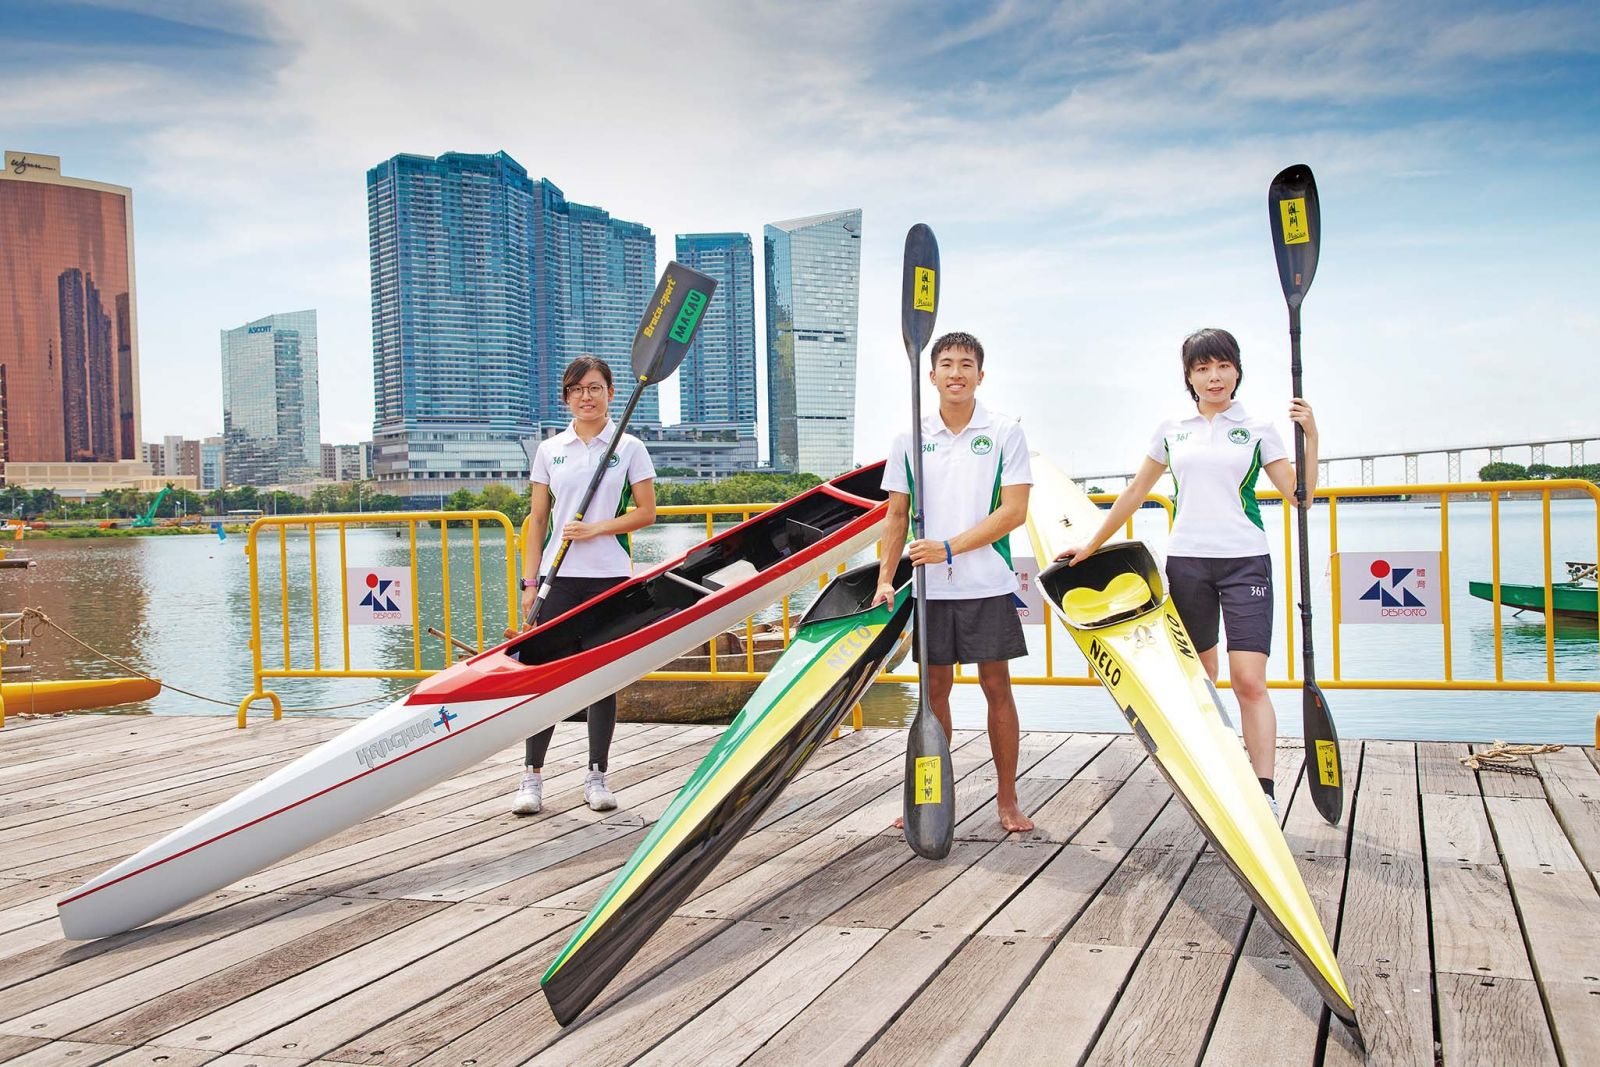 獨木舟選手挑戰自我